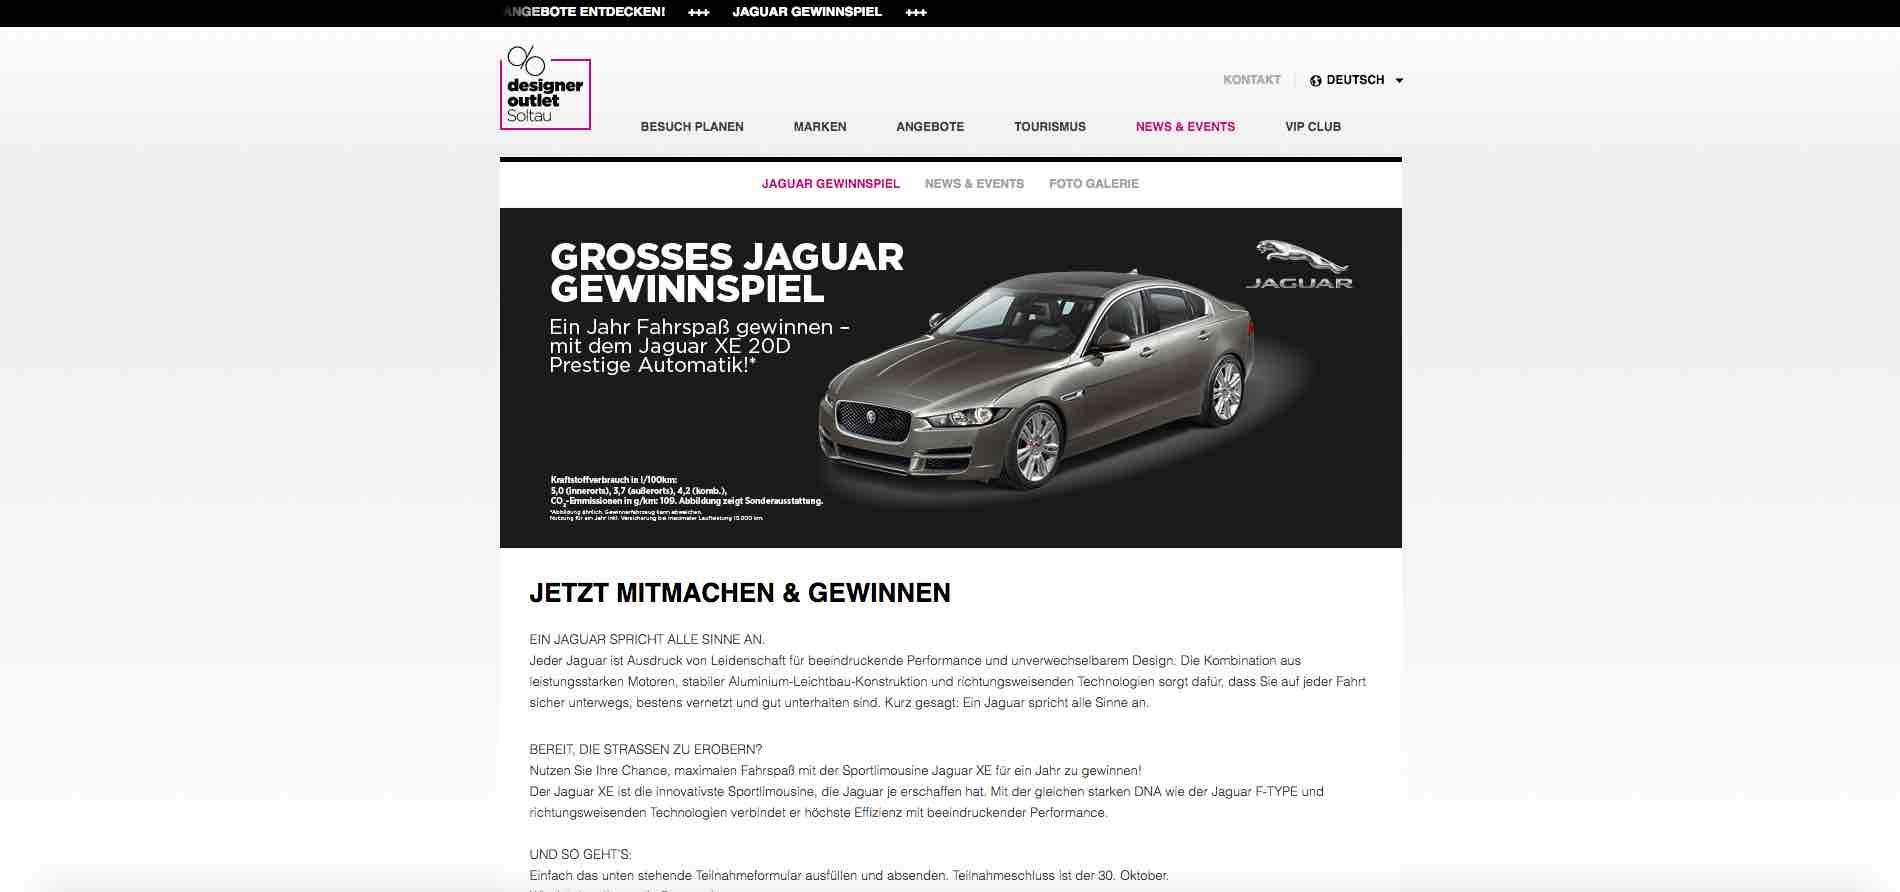 designer outlet soltau jaguar xe 20d gewinnspiel. Black Bedroom Furniture Sets. Home Design Ideas